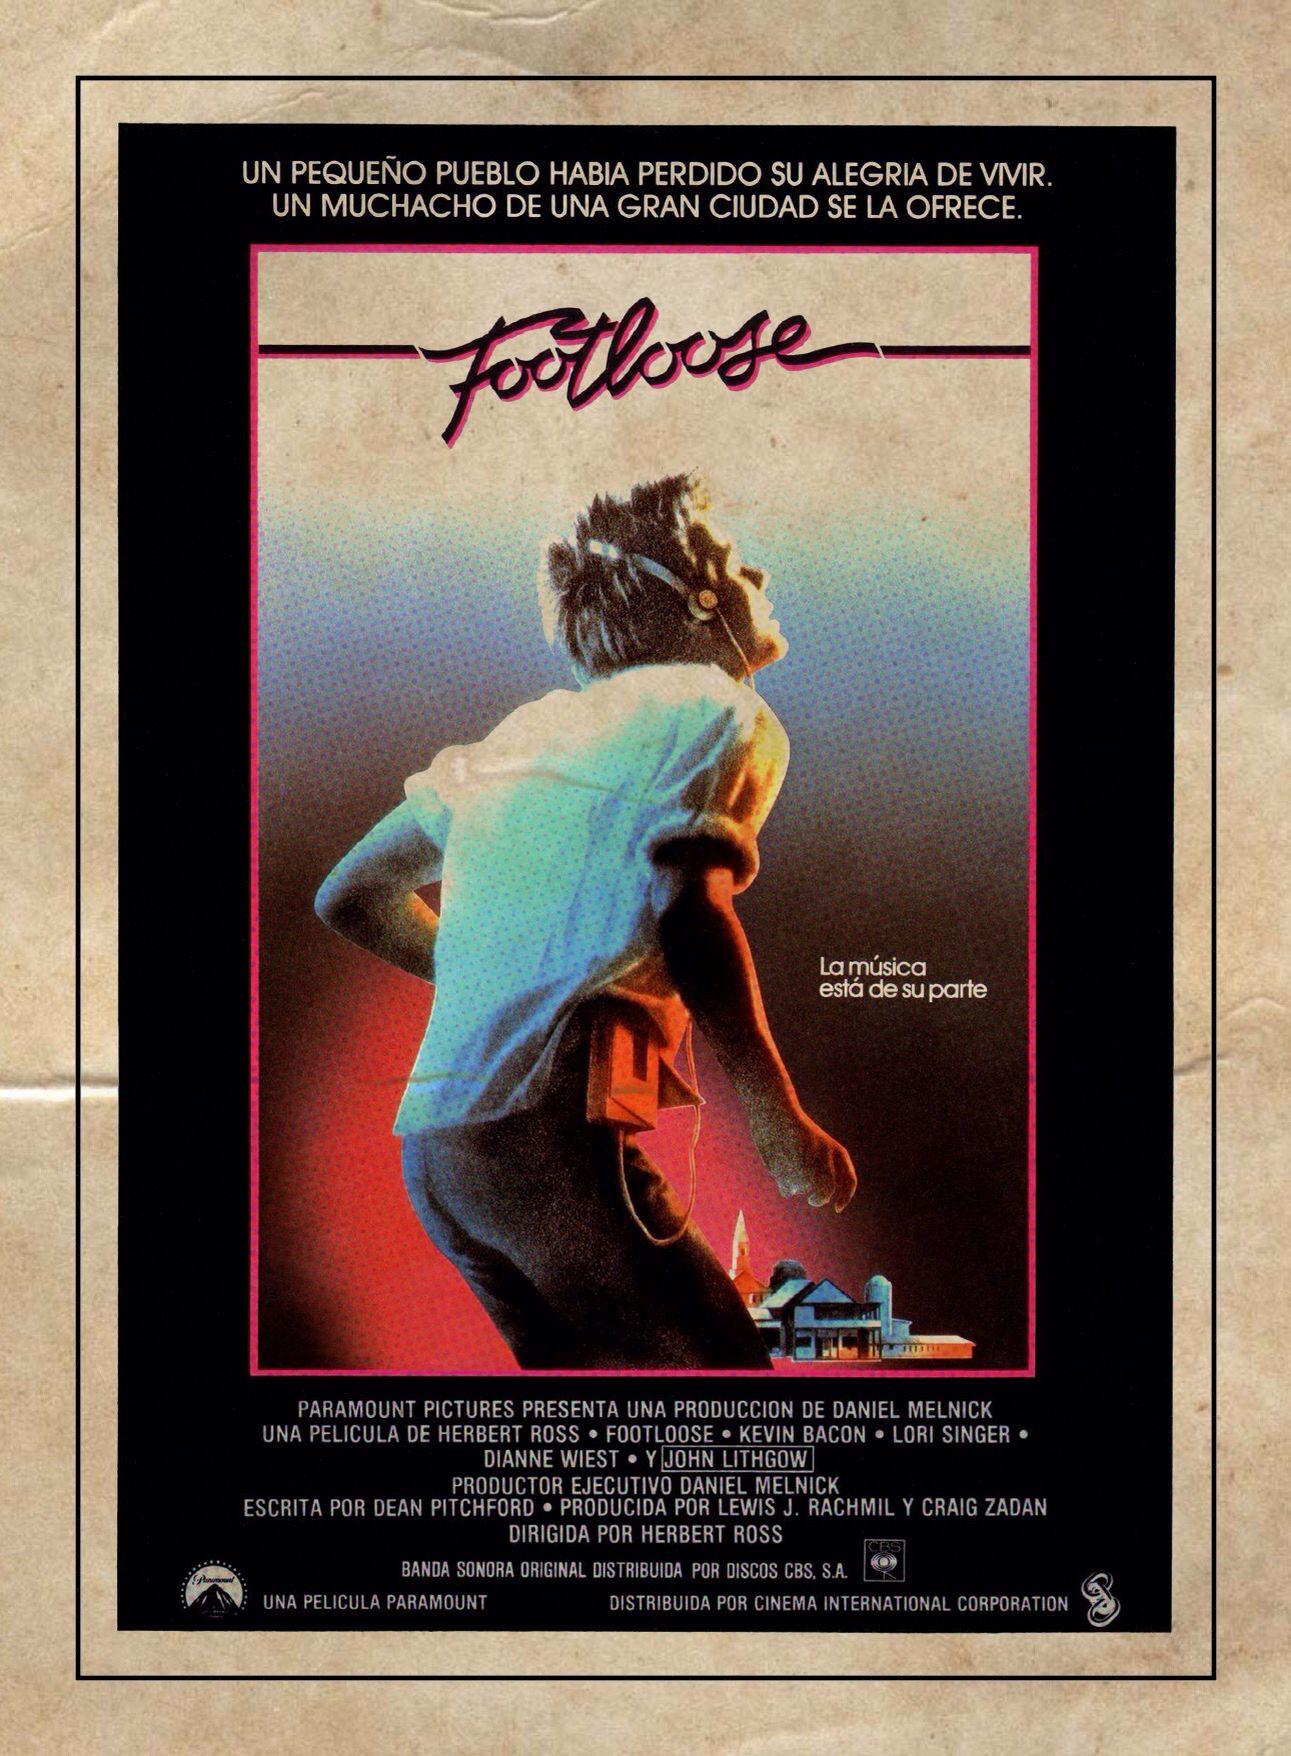 Footloose Peliculas Que Ver Peliculas Cine